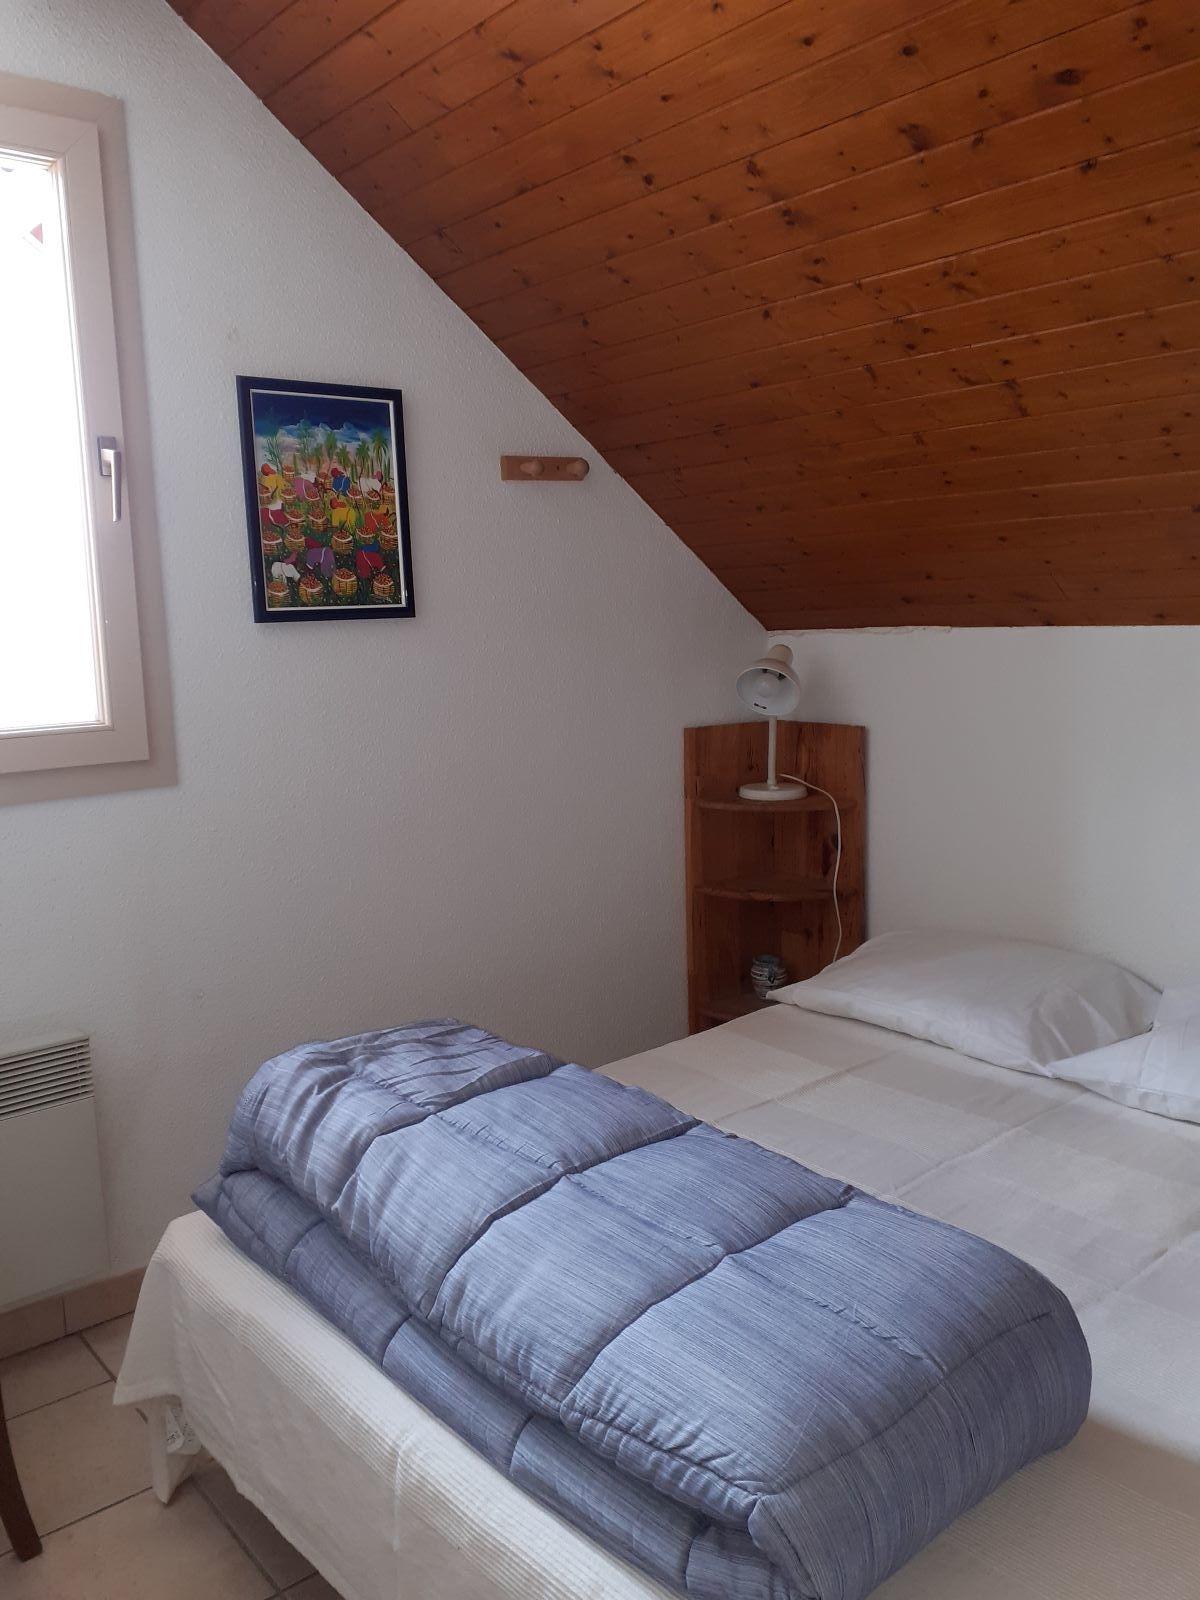 20200713 144943 - ANCELLE T3 MEZZANINE DE 52 m² (6 COUCHAGES)